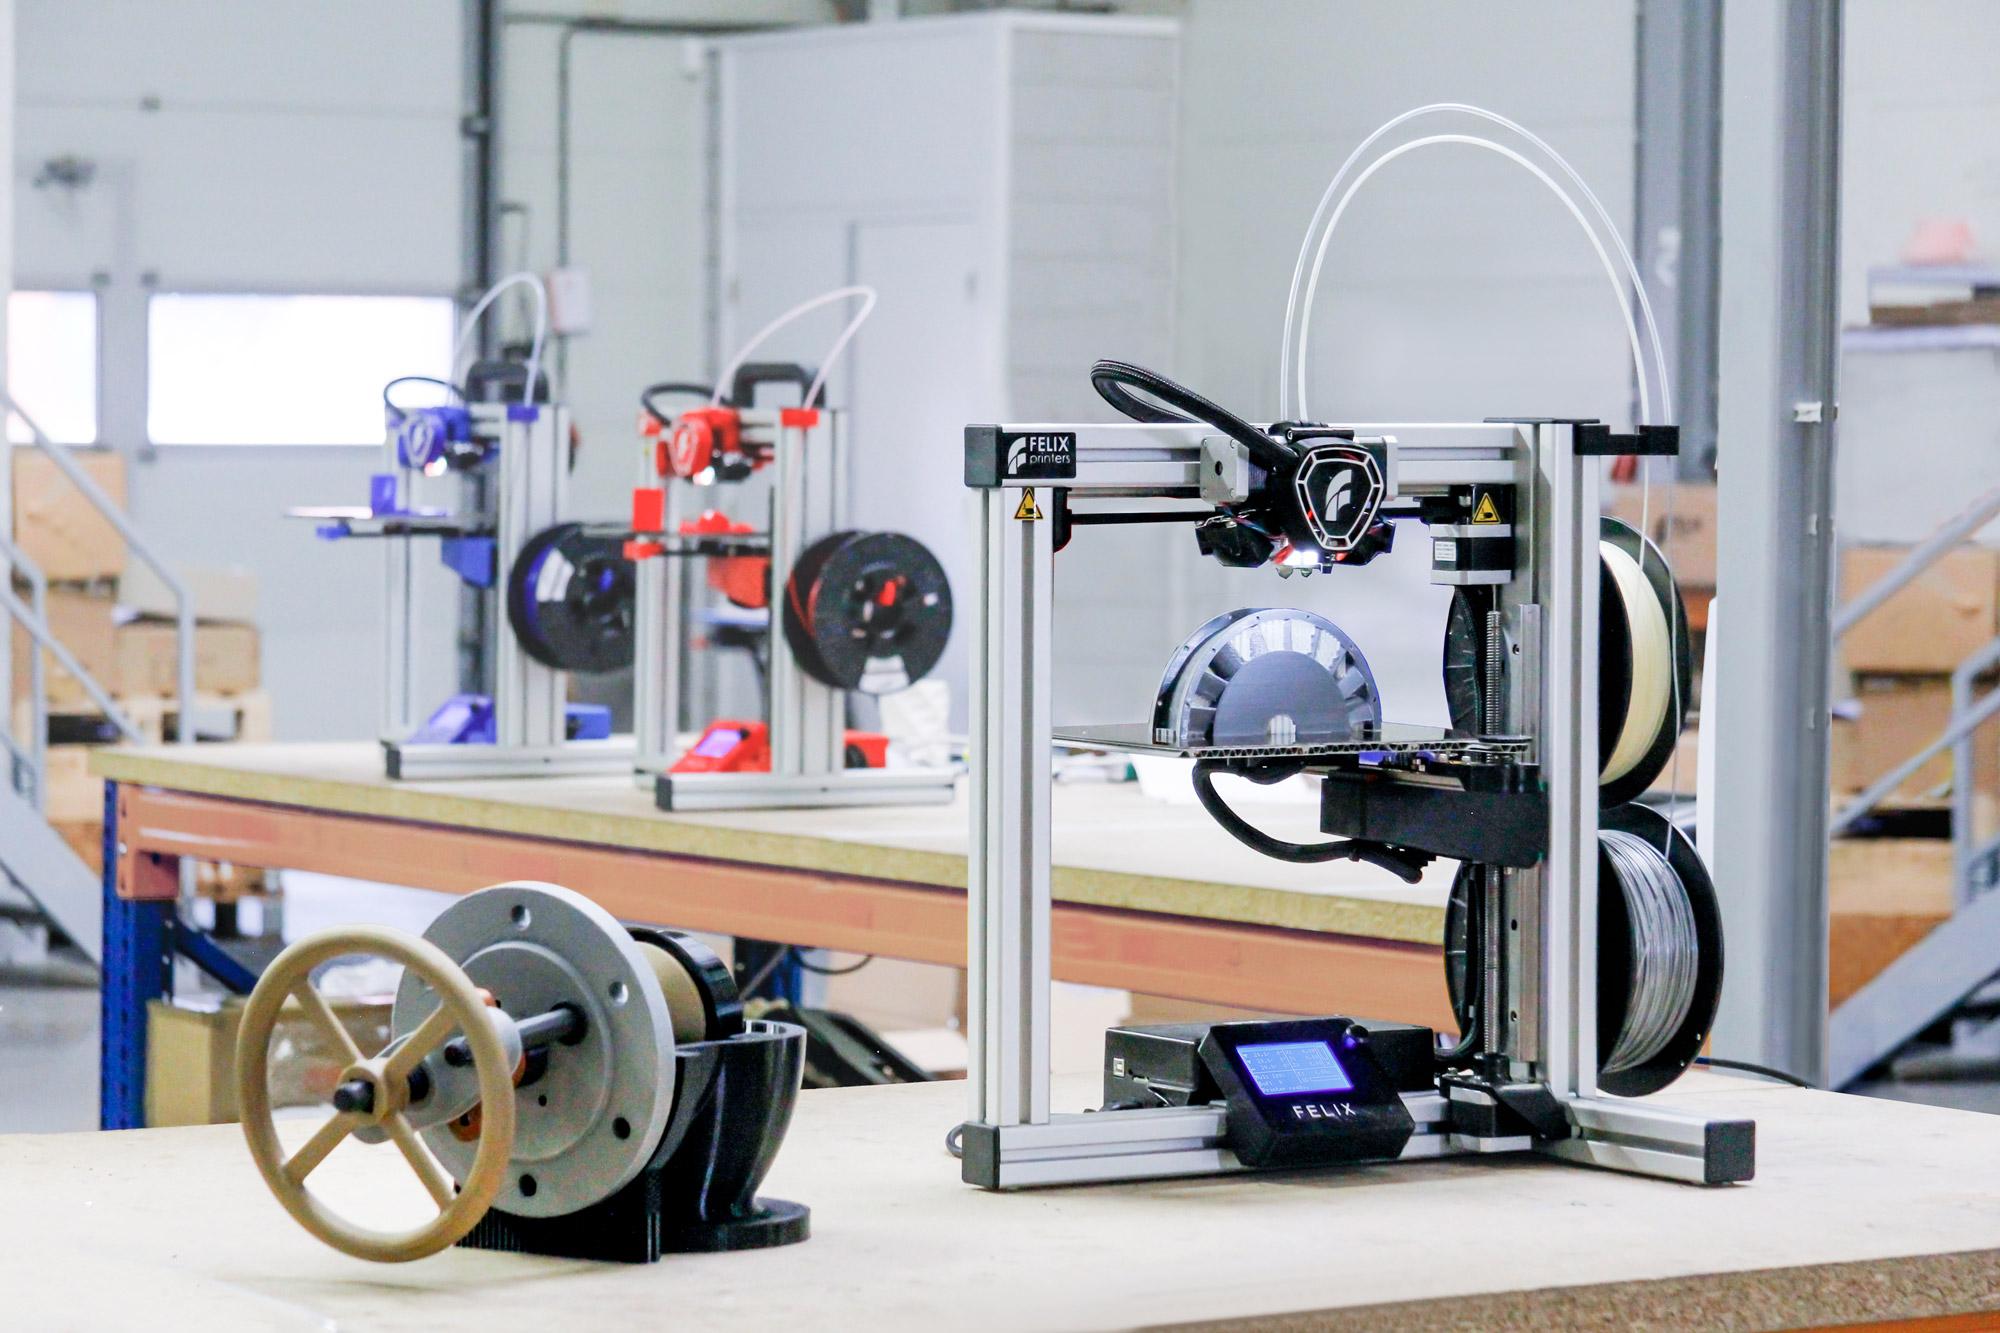 FELIXprinters将在TCT展会上展示新的桌面3D打印机FELIX Tec 4